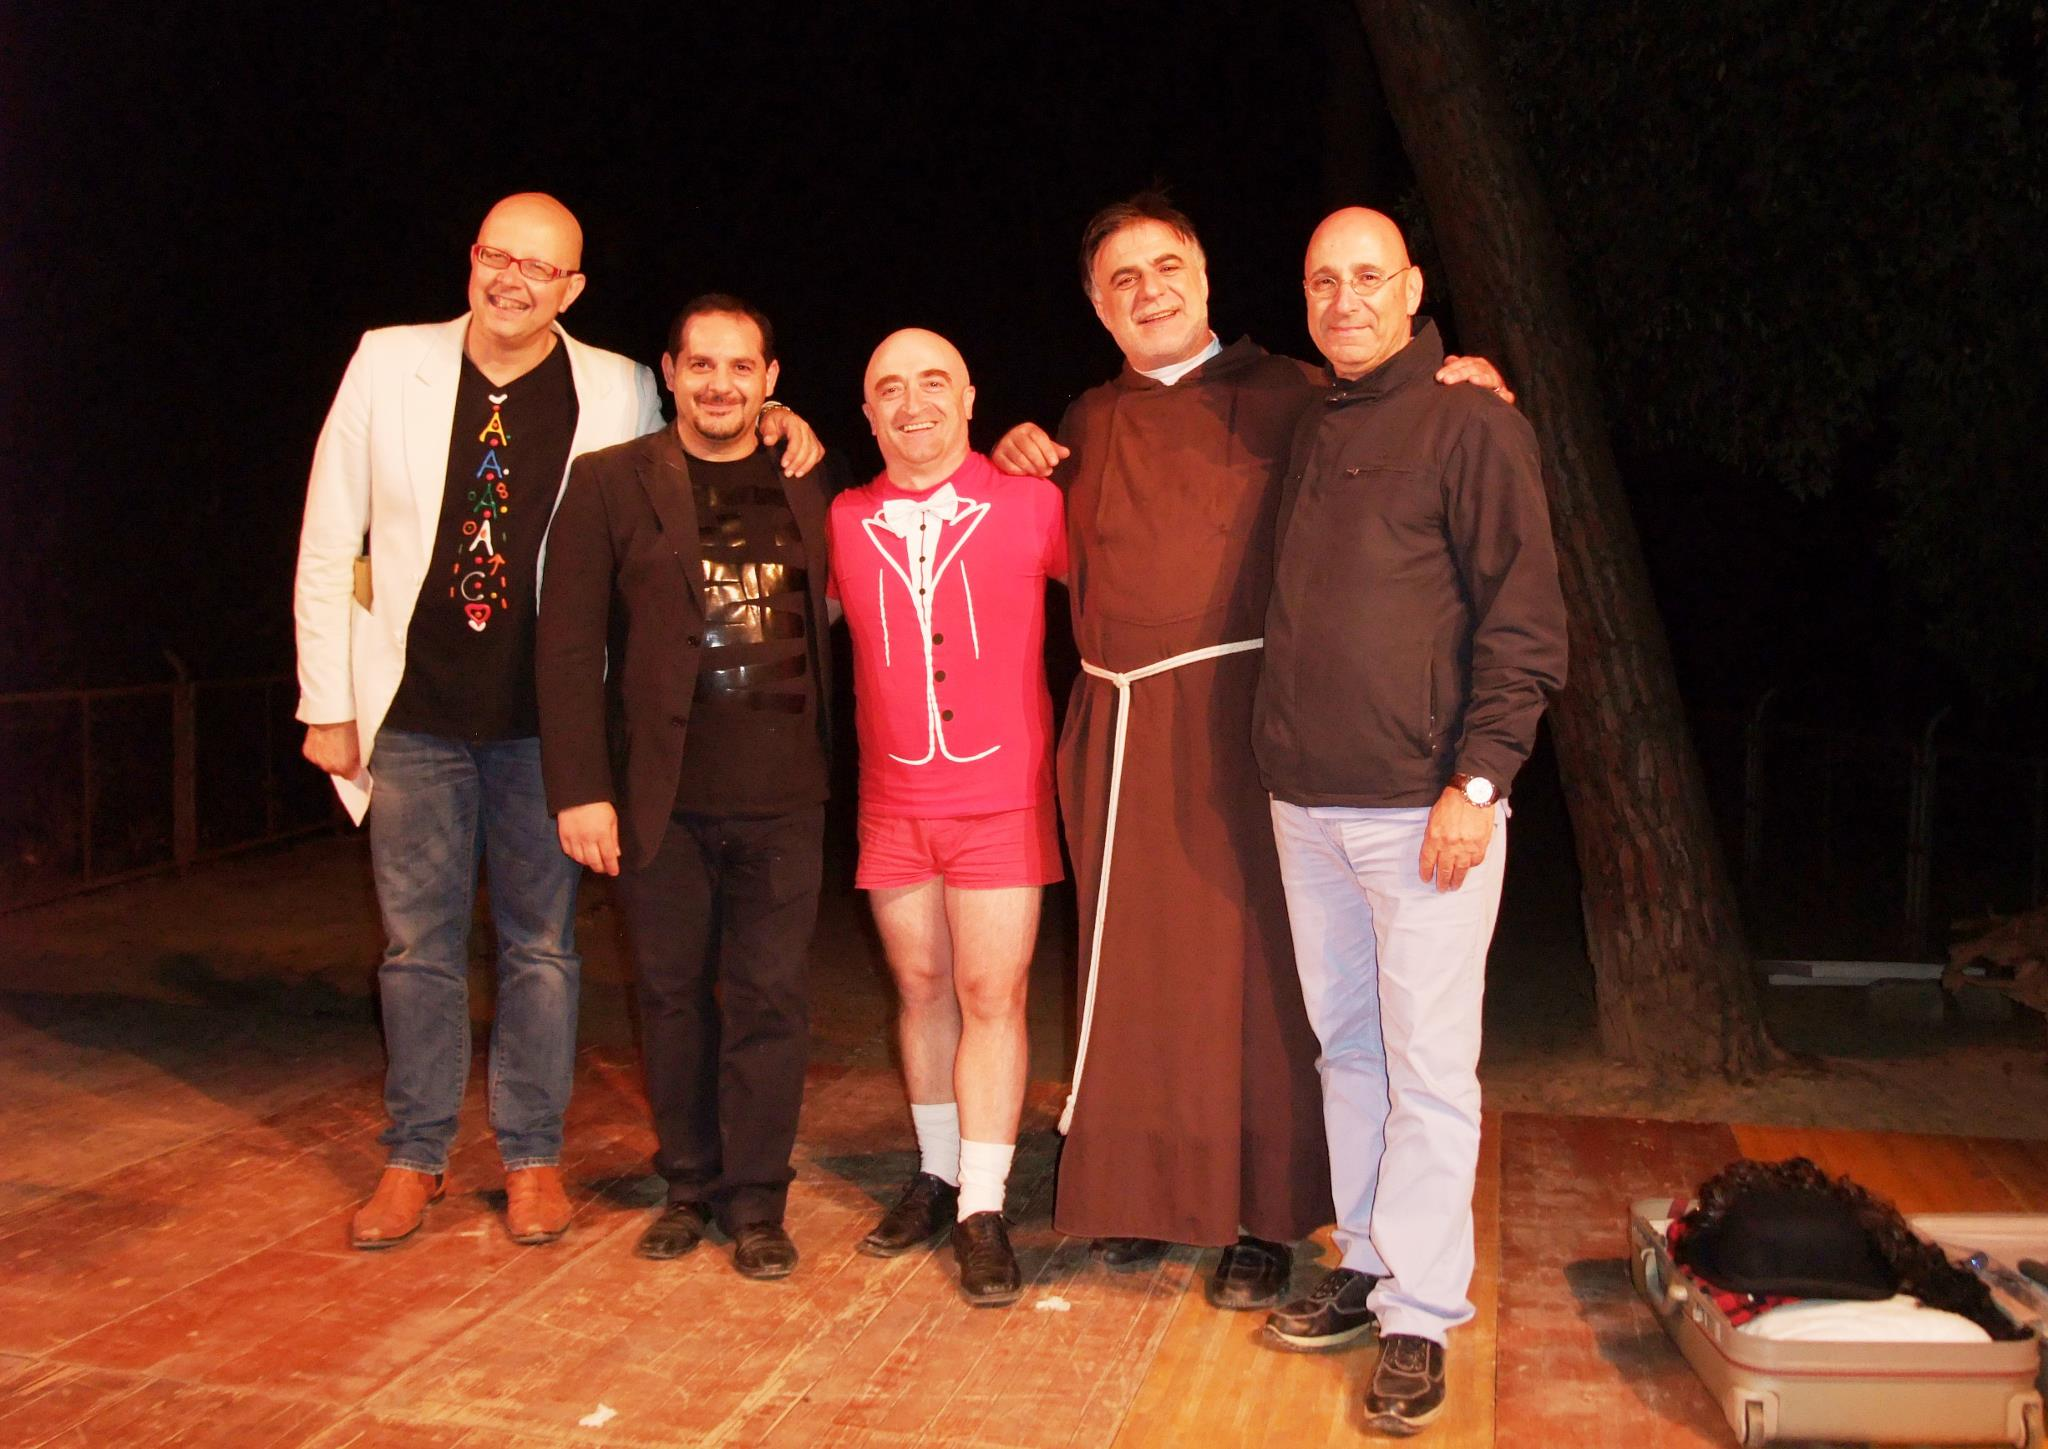 Io e Frate Mago, Aldo ruggeri, Rocco, e il grande Tullio Luciani